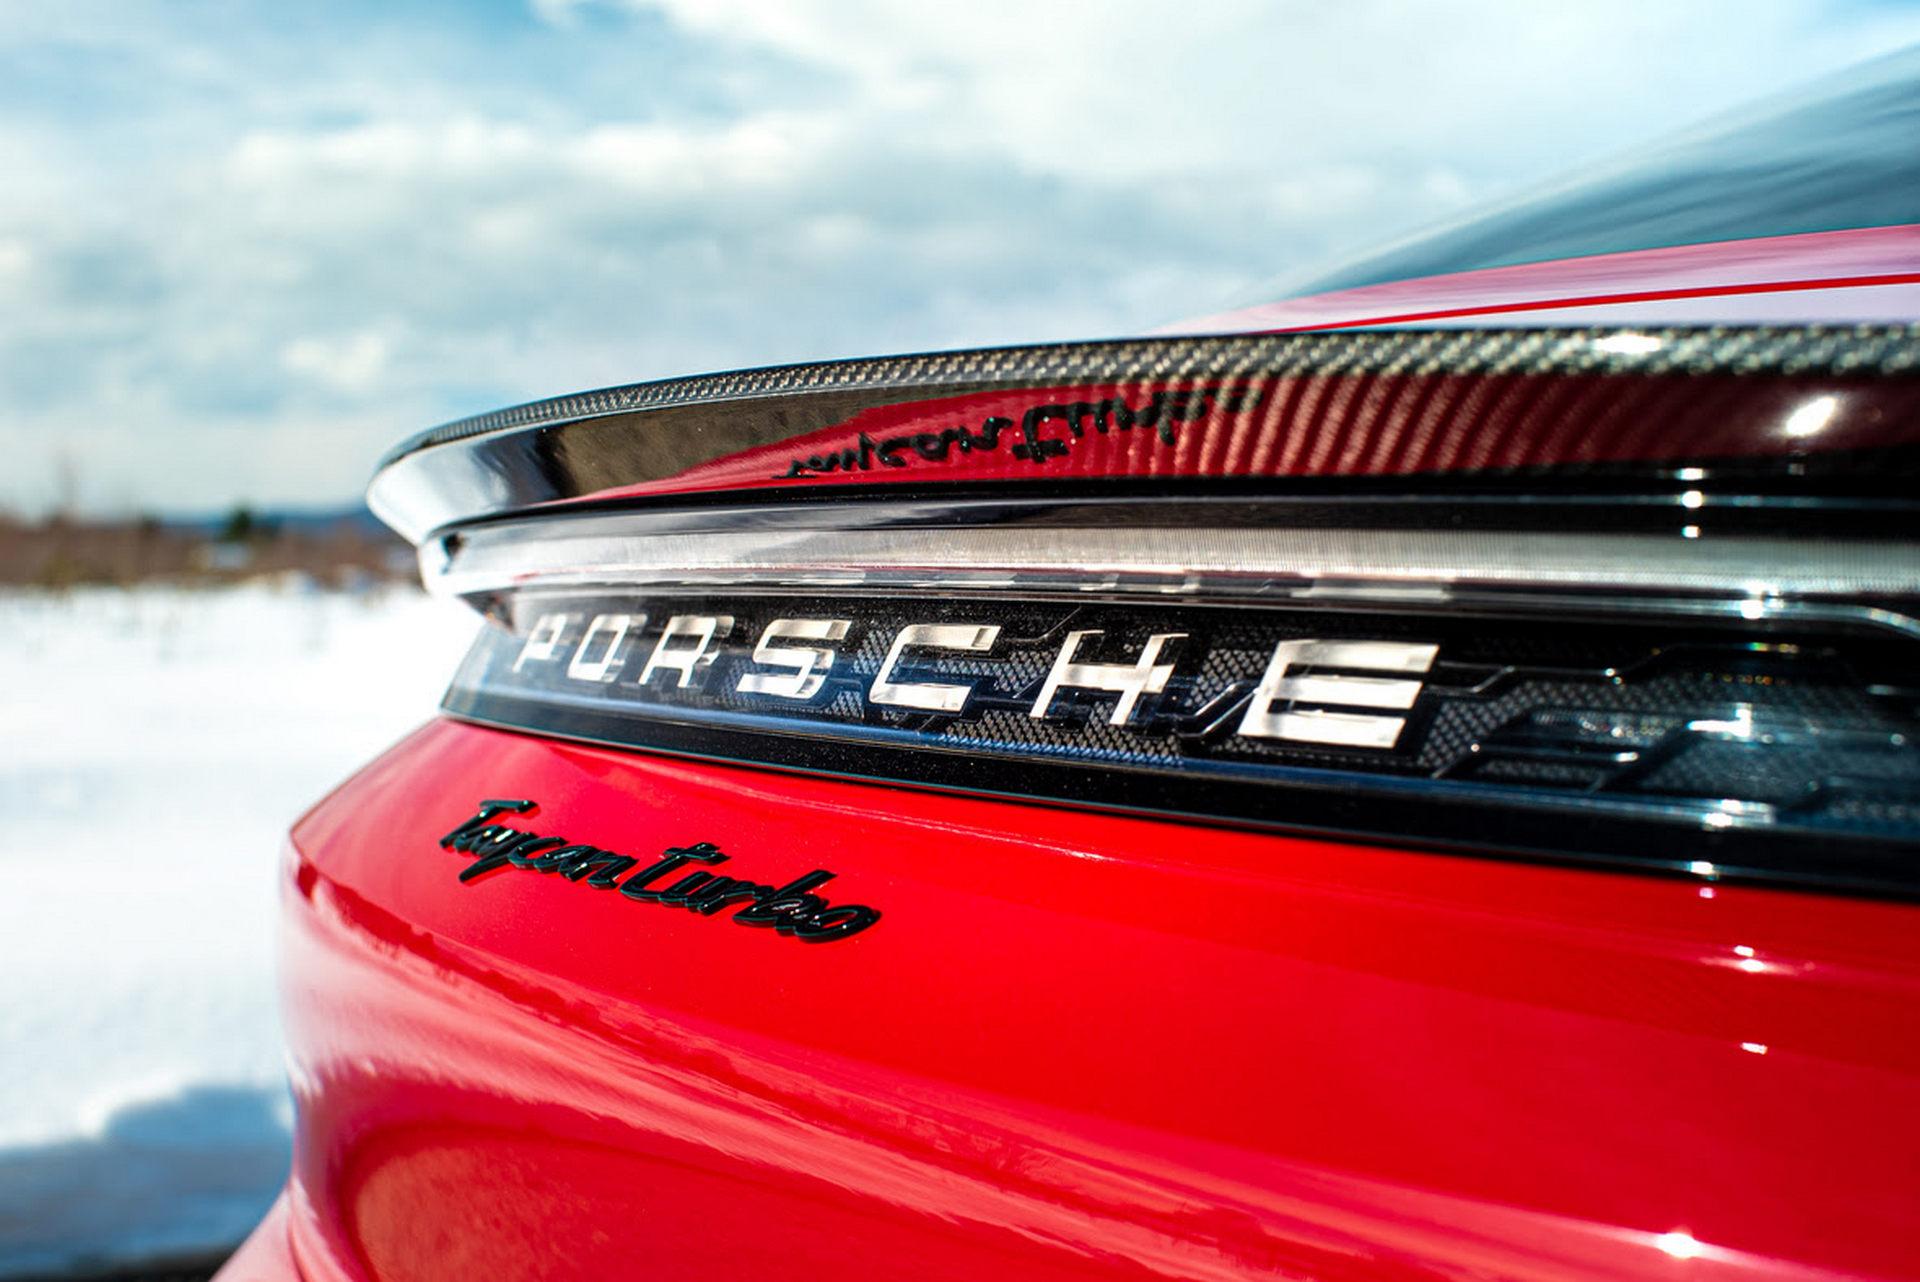 Porsche-Taycan-by-Zyrus-Engineering-10